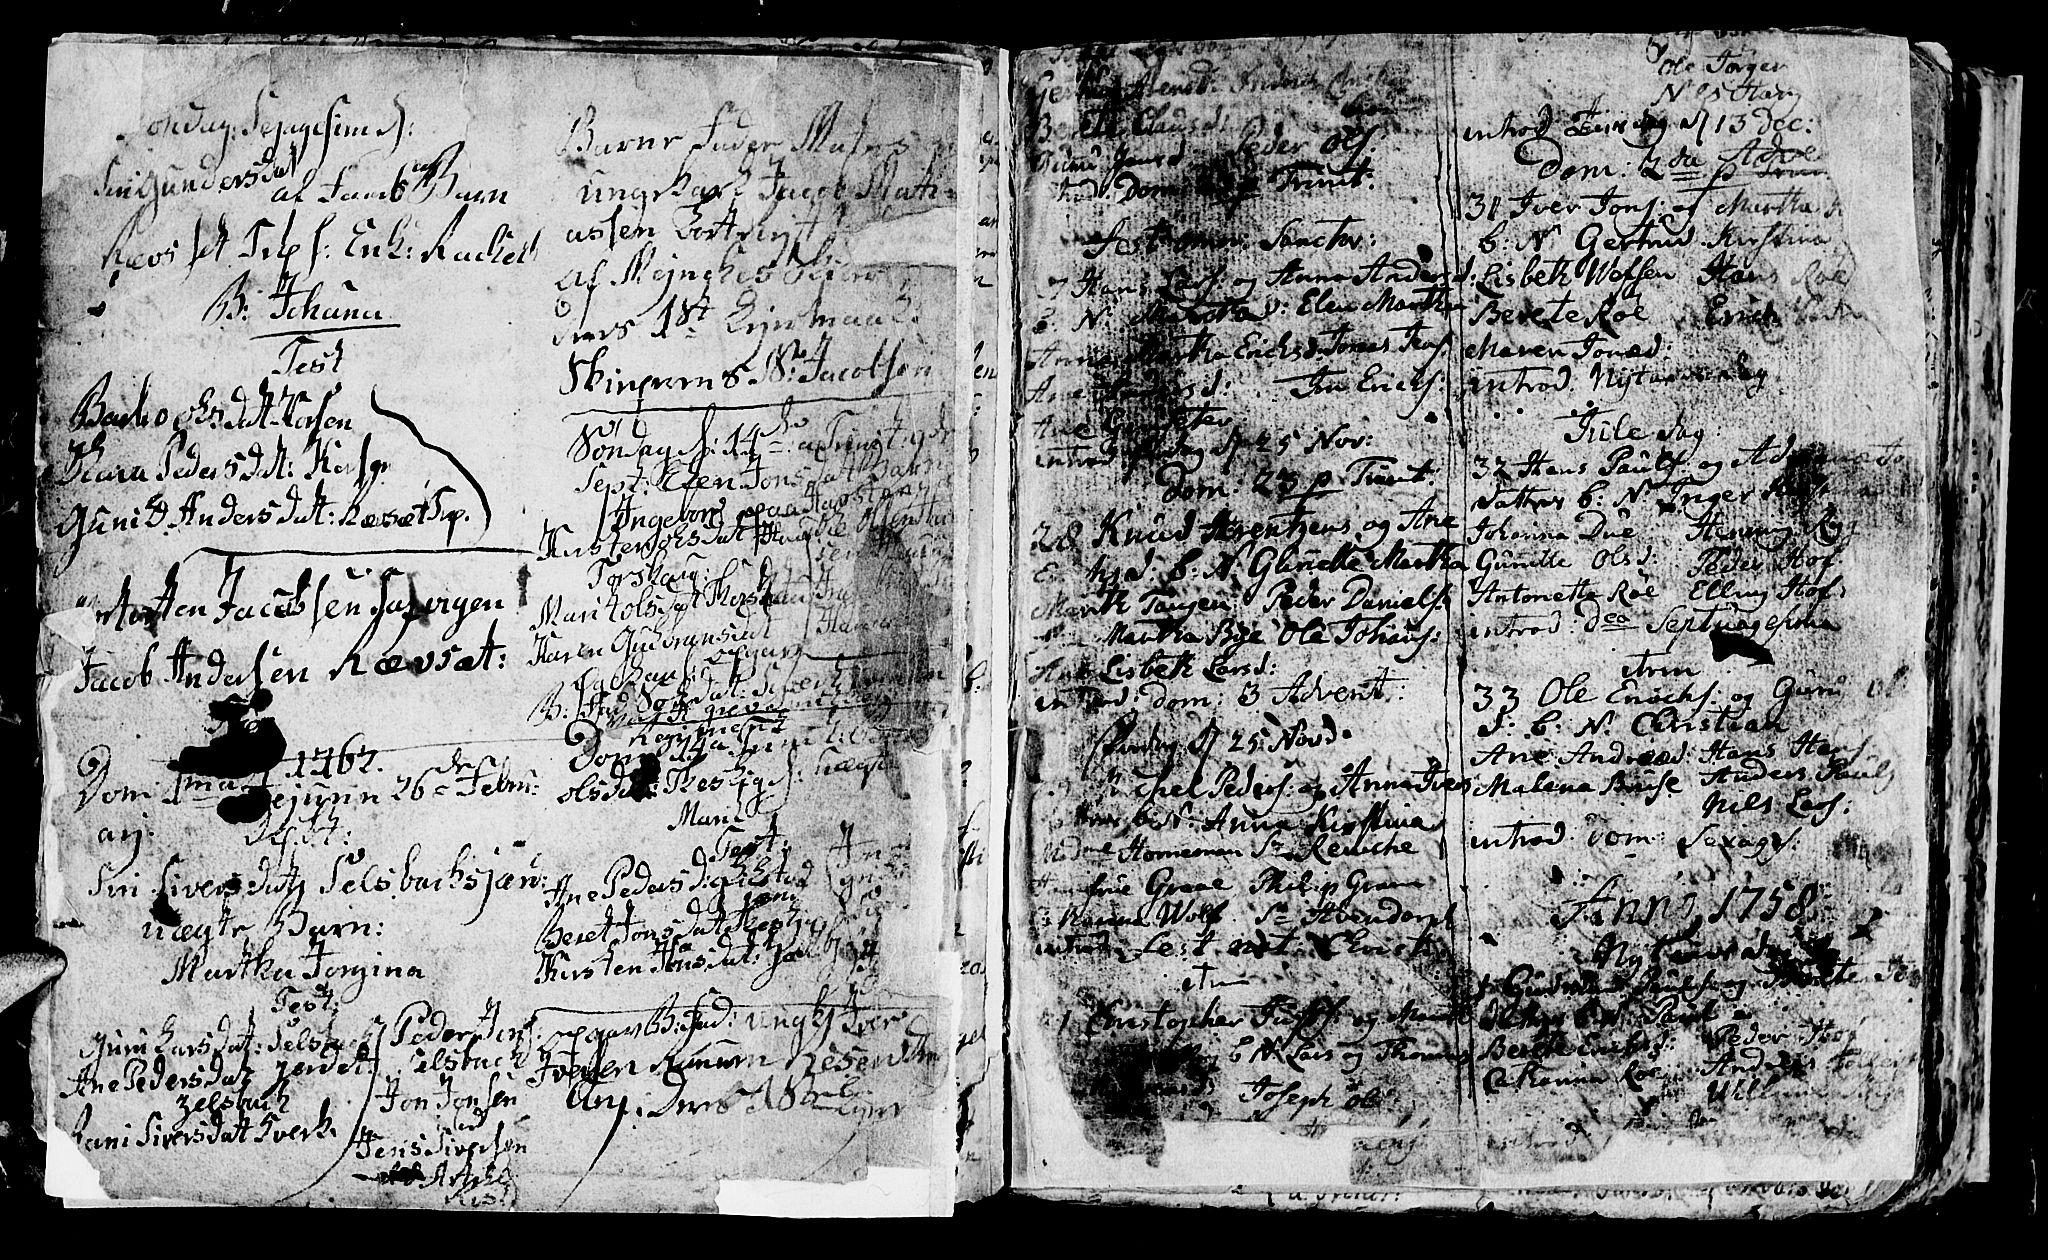 SAT, Ministerialprotokoller, klokkerbøker og fødselsregistre - Sør-Trøndelag, 604/L0218: Klokkerbok nr. 604C01, 1754-1819, s. 8